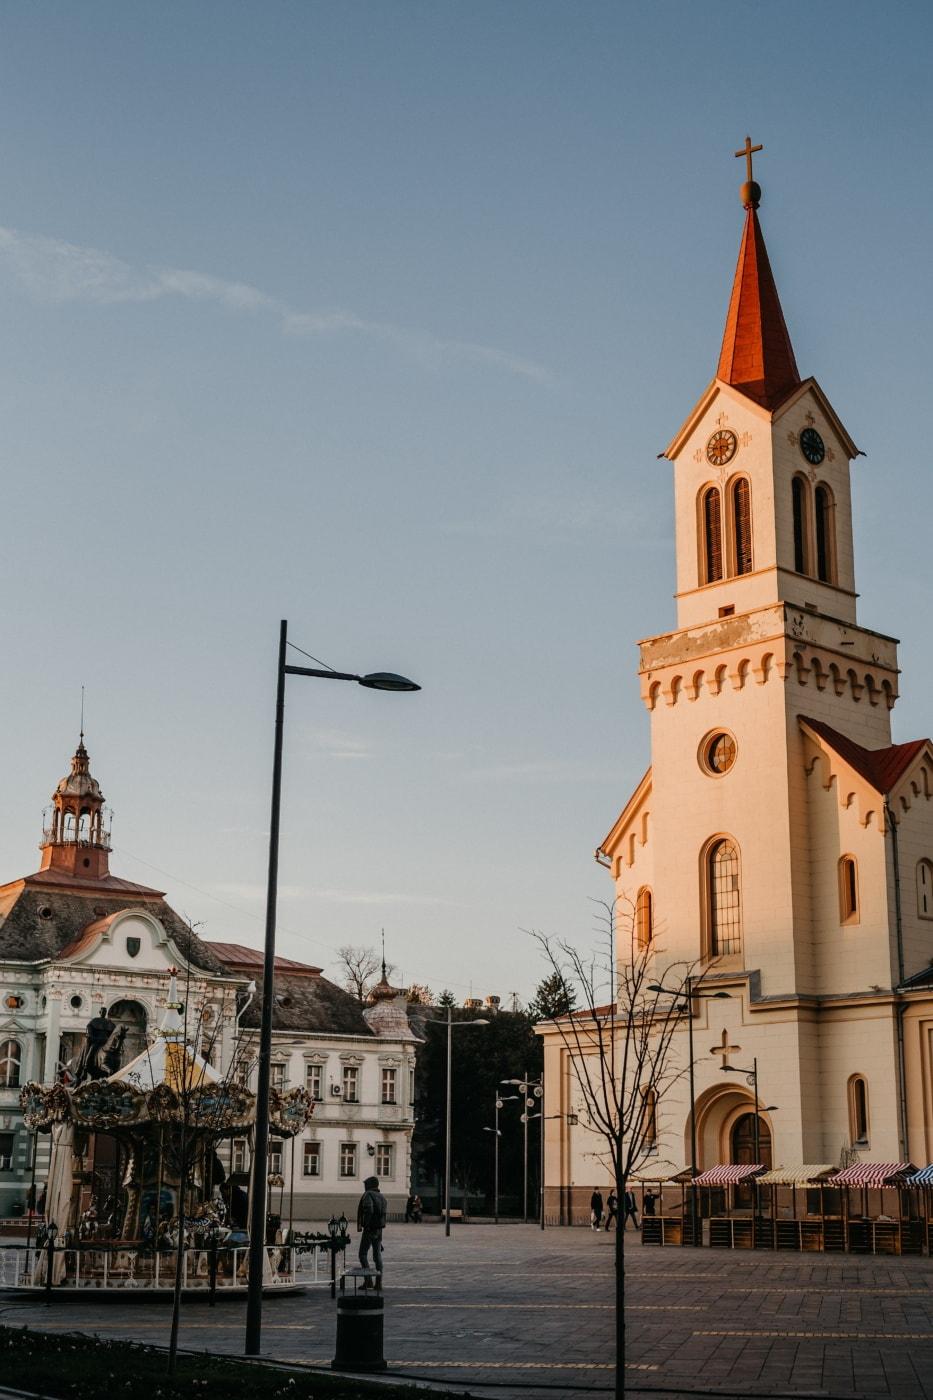 centar grada, trg, crkveni toranj, katoličko, crkva, barok, rezidencija, kuće, ulica, urbano